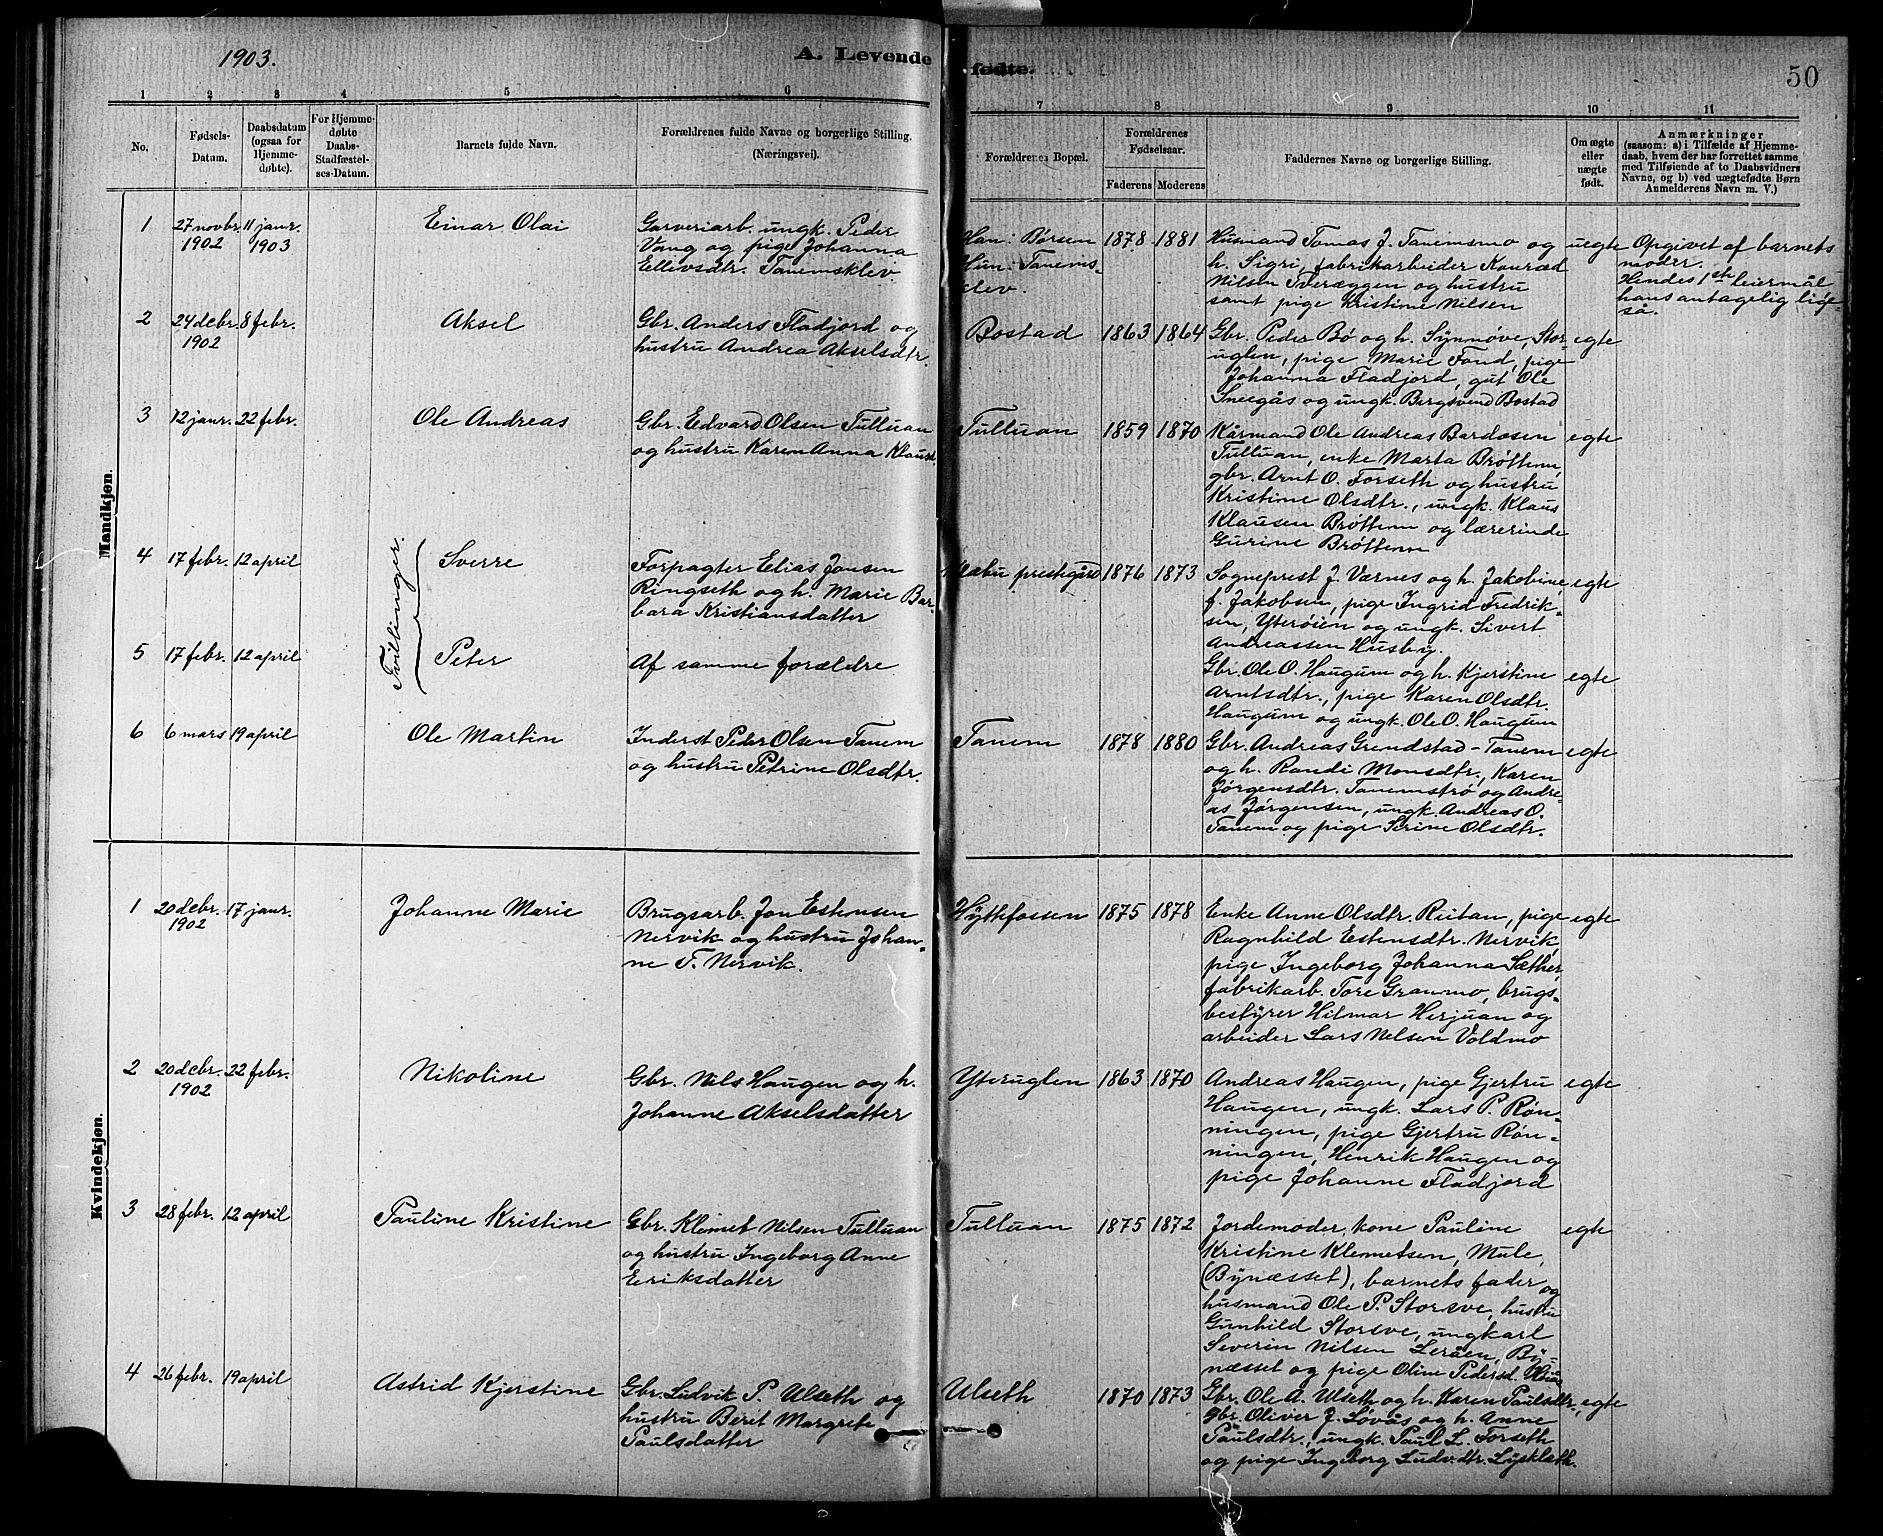 SAT, Ministerialprotokoller, klokkerbøker og fødselsregistre - Sør-Trøndelag, 618/L0452: Klokkerbok nr. 618C03, 1884-1906, s. 50